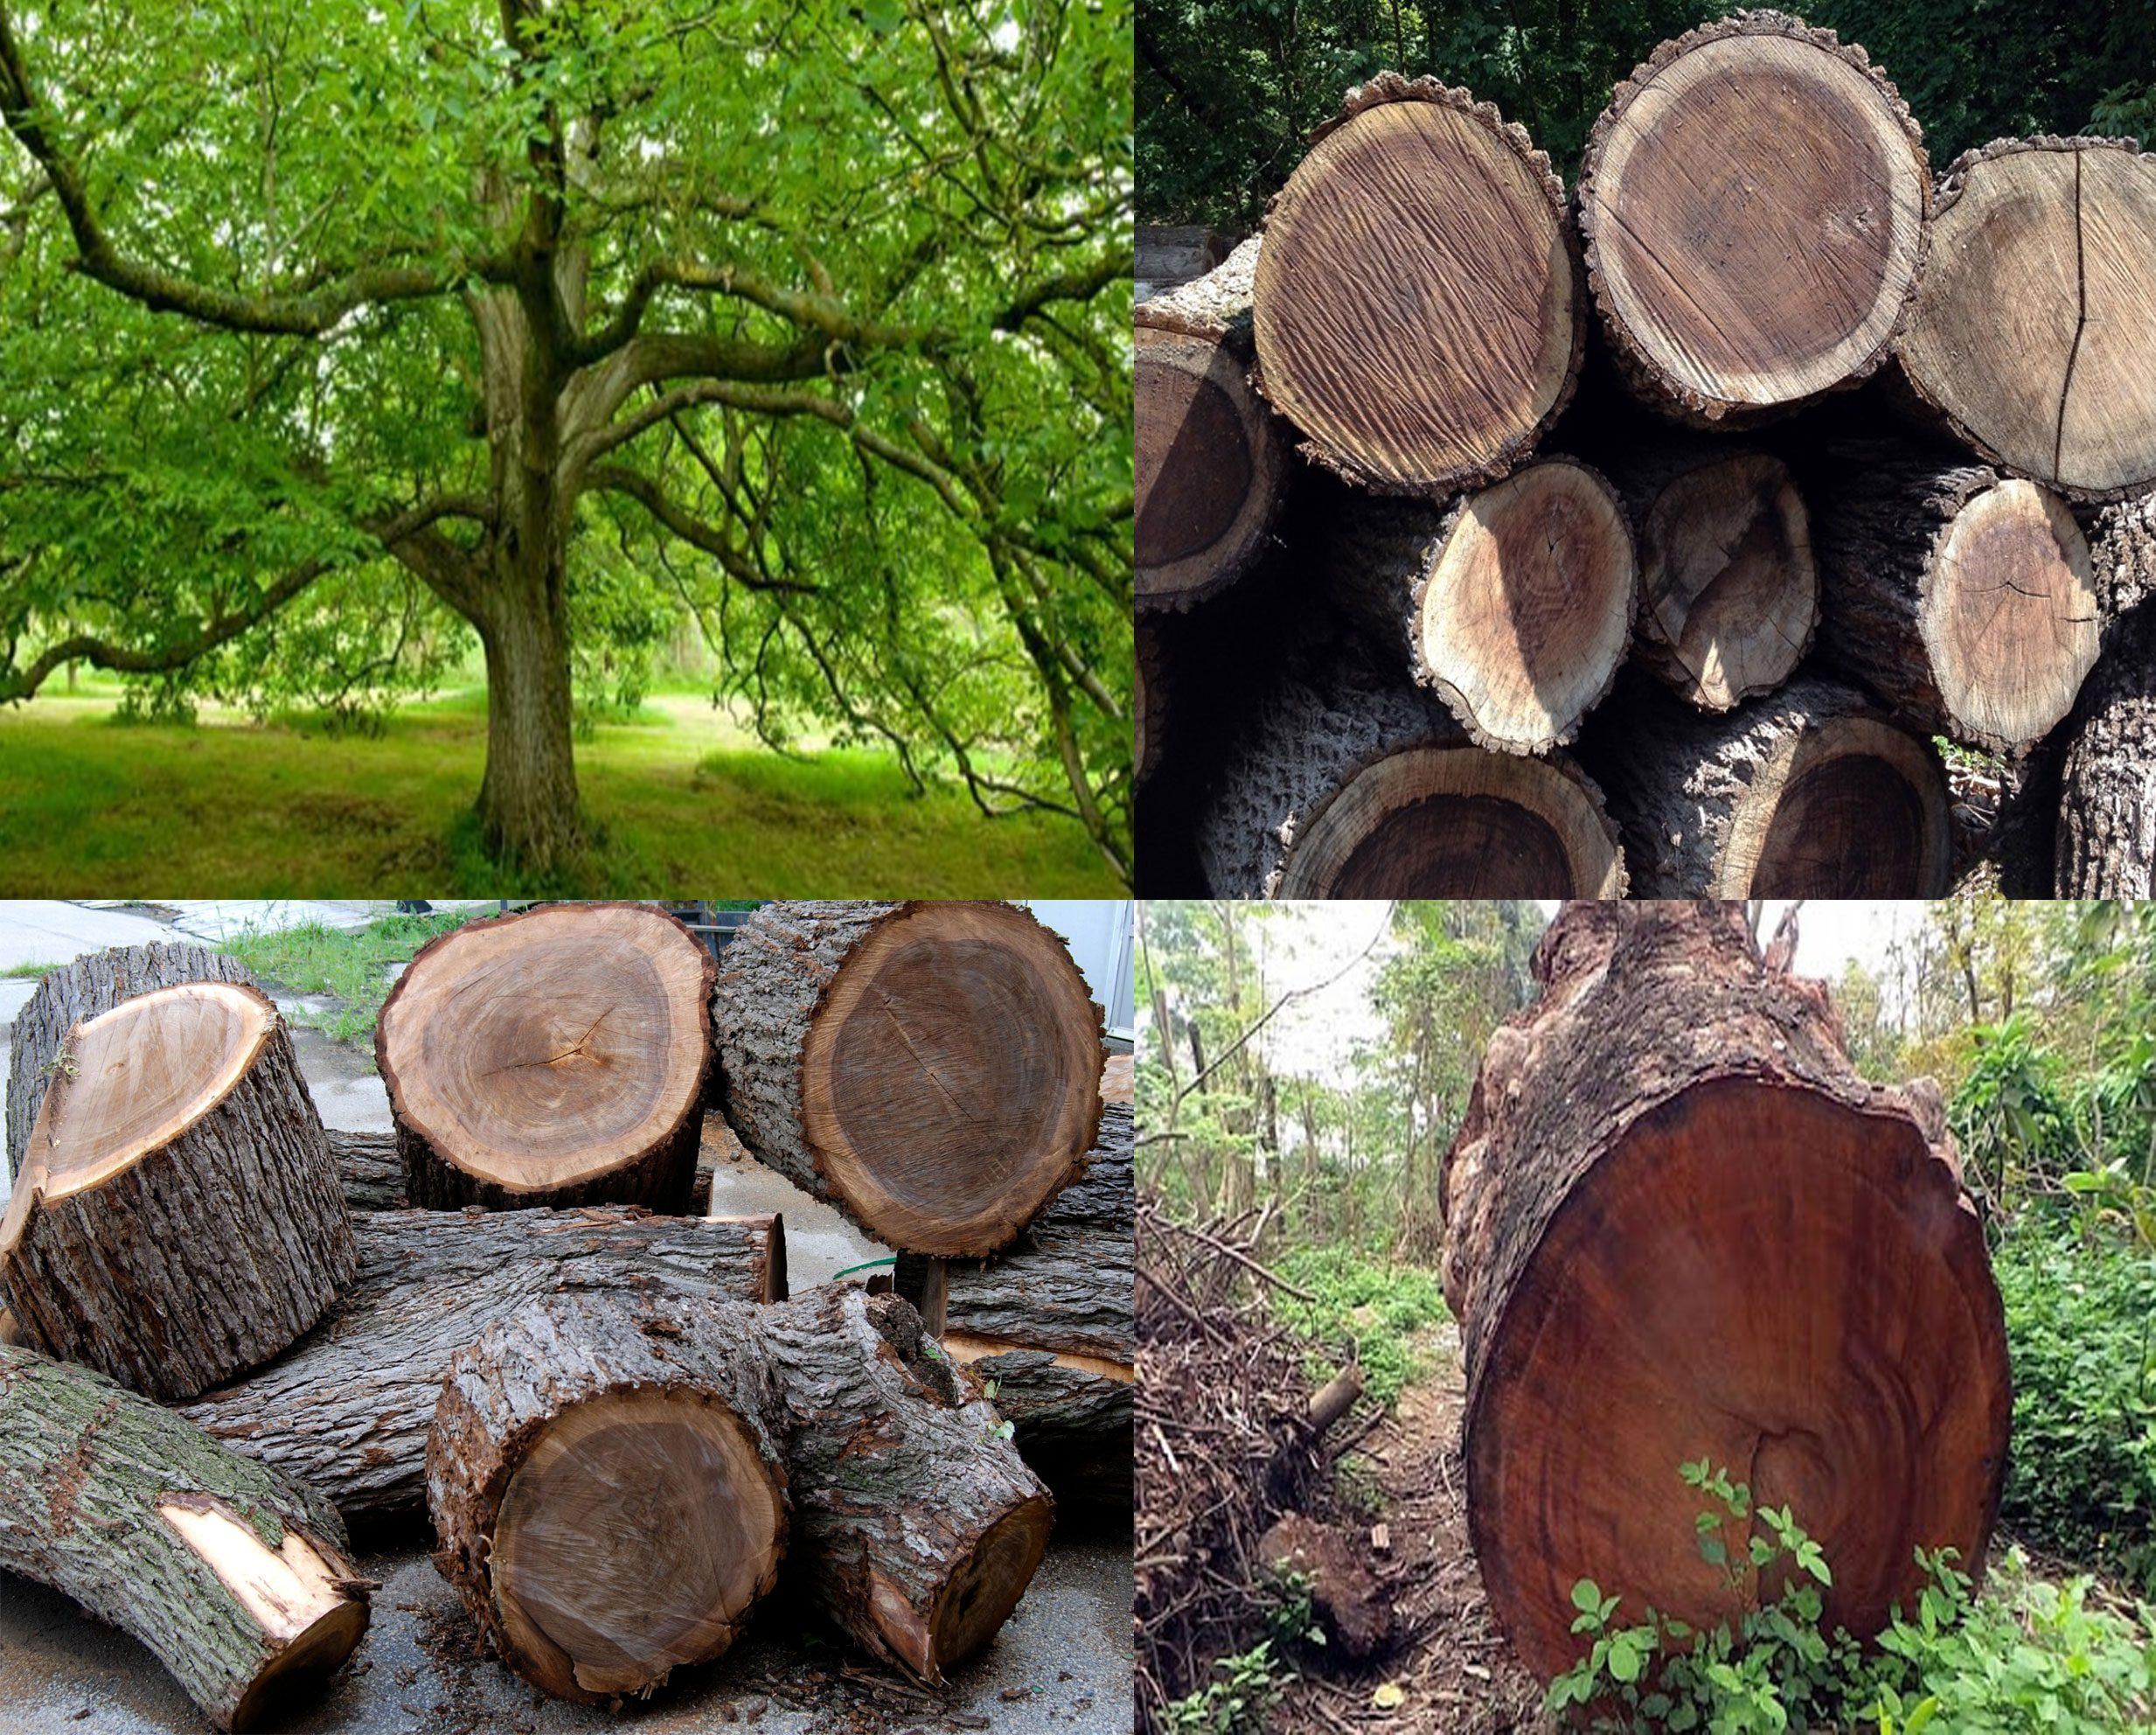 Tủ bếp gỗ ÓC Chó được làm từ gỗ tự nhiên không qua xử lý hóa chất